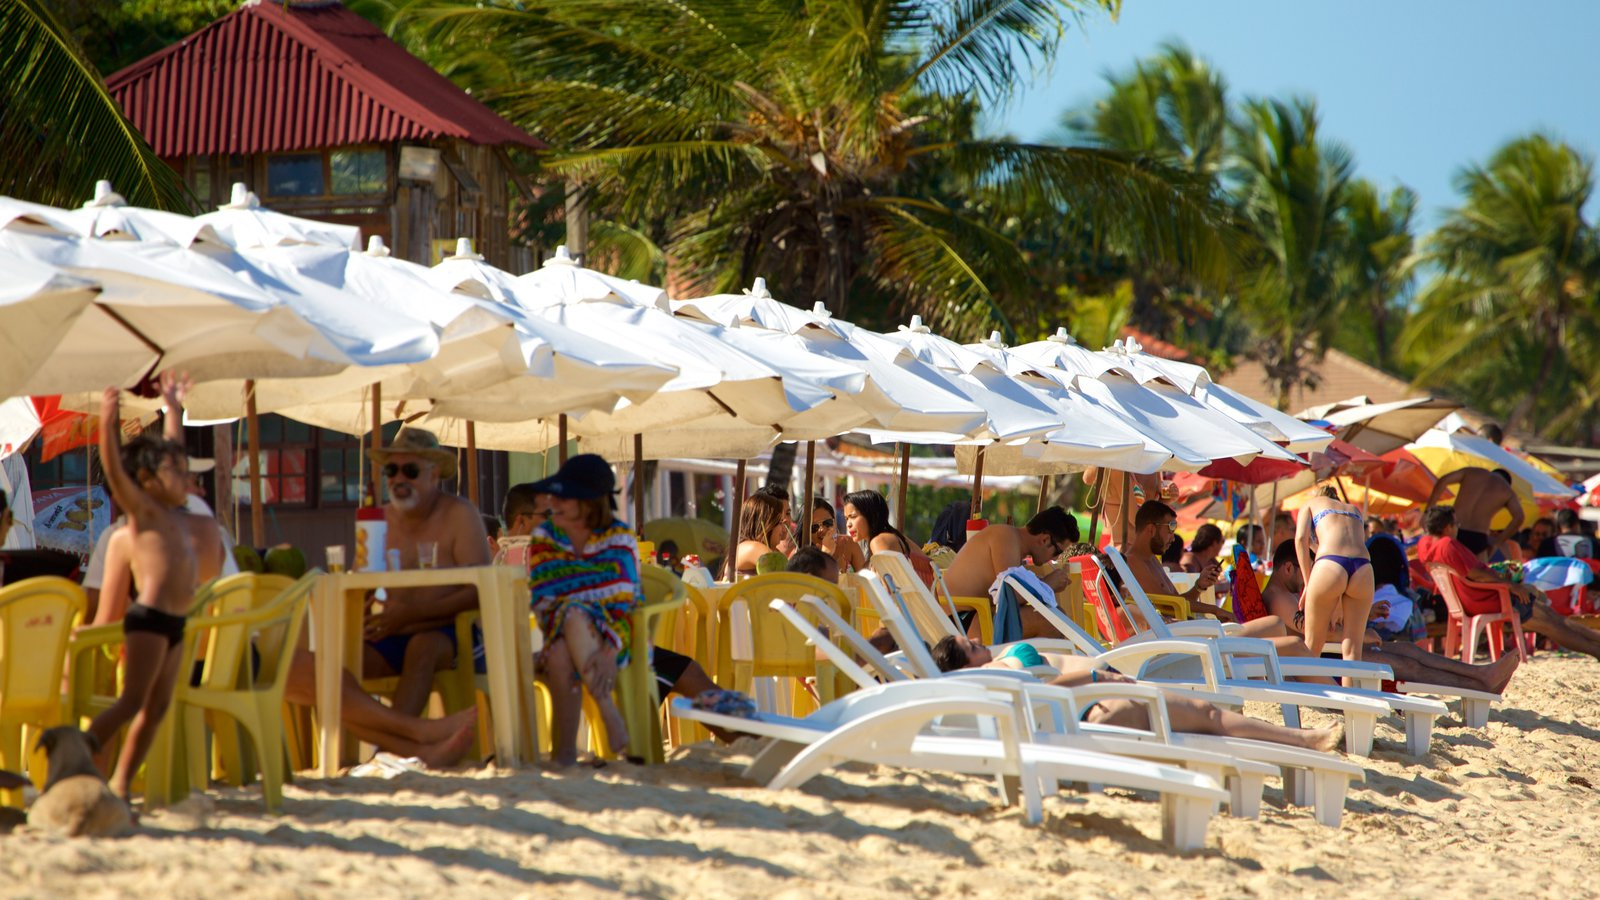 Praia de Taperapuã caracterizando uma praia de areia, paisagens litorâneas e um hotel de luxo ou resort